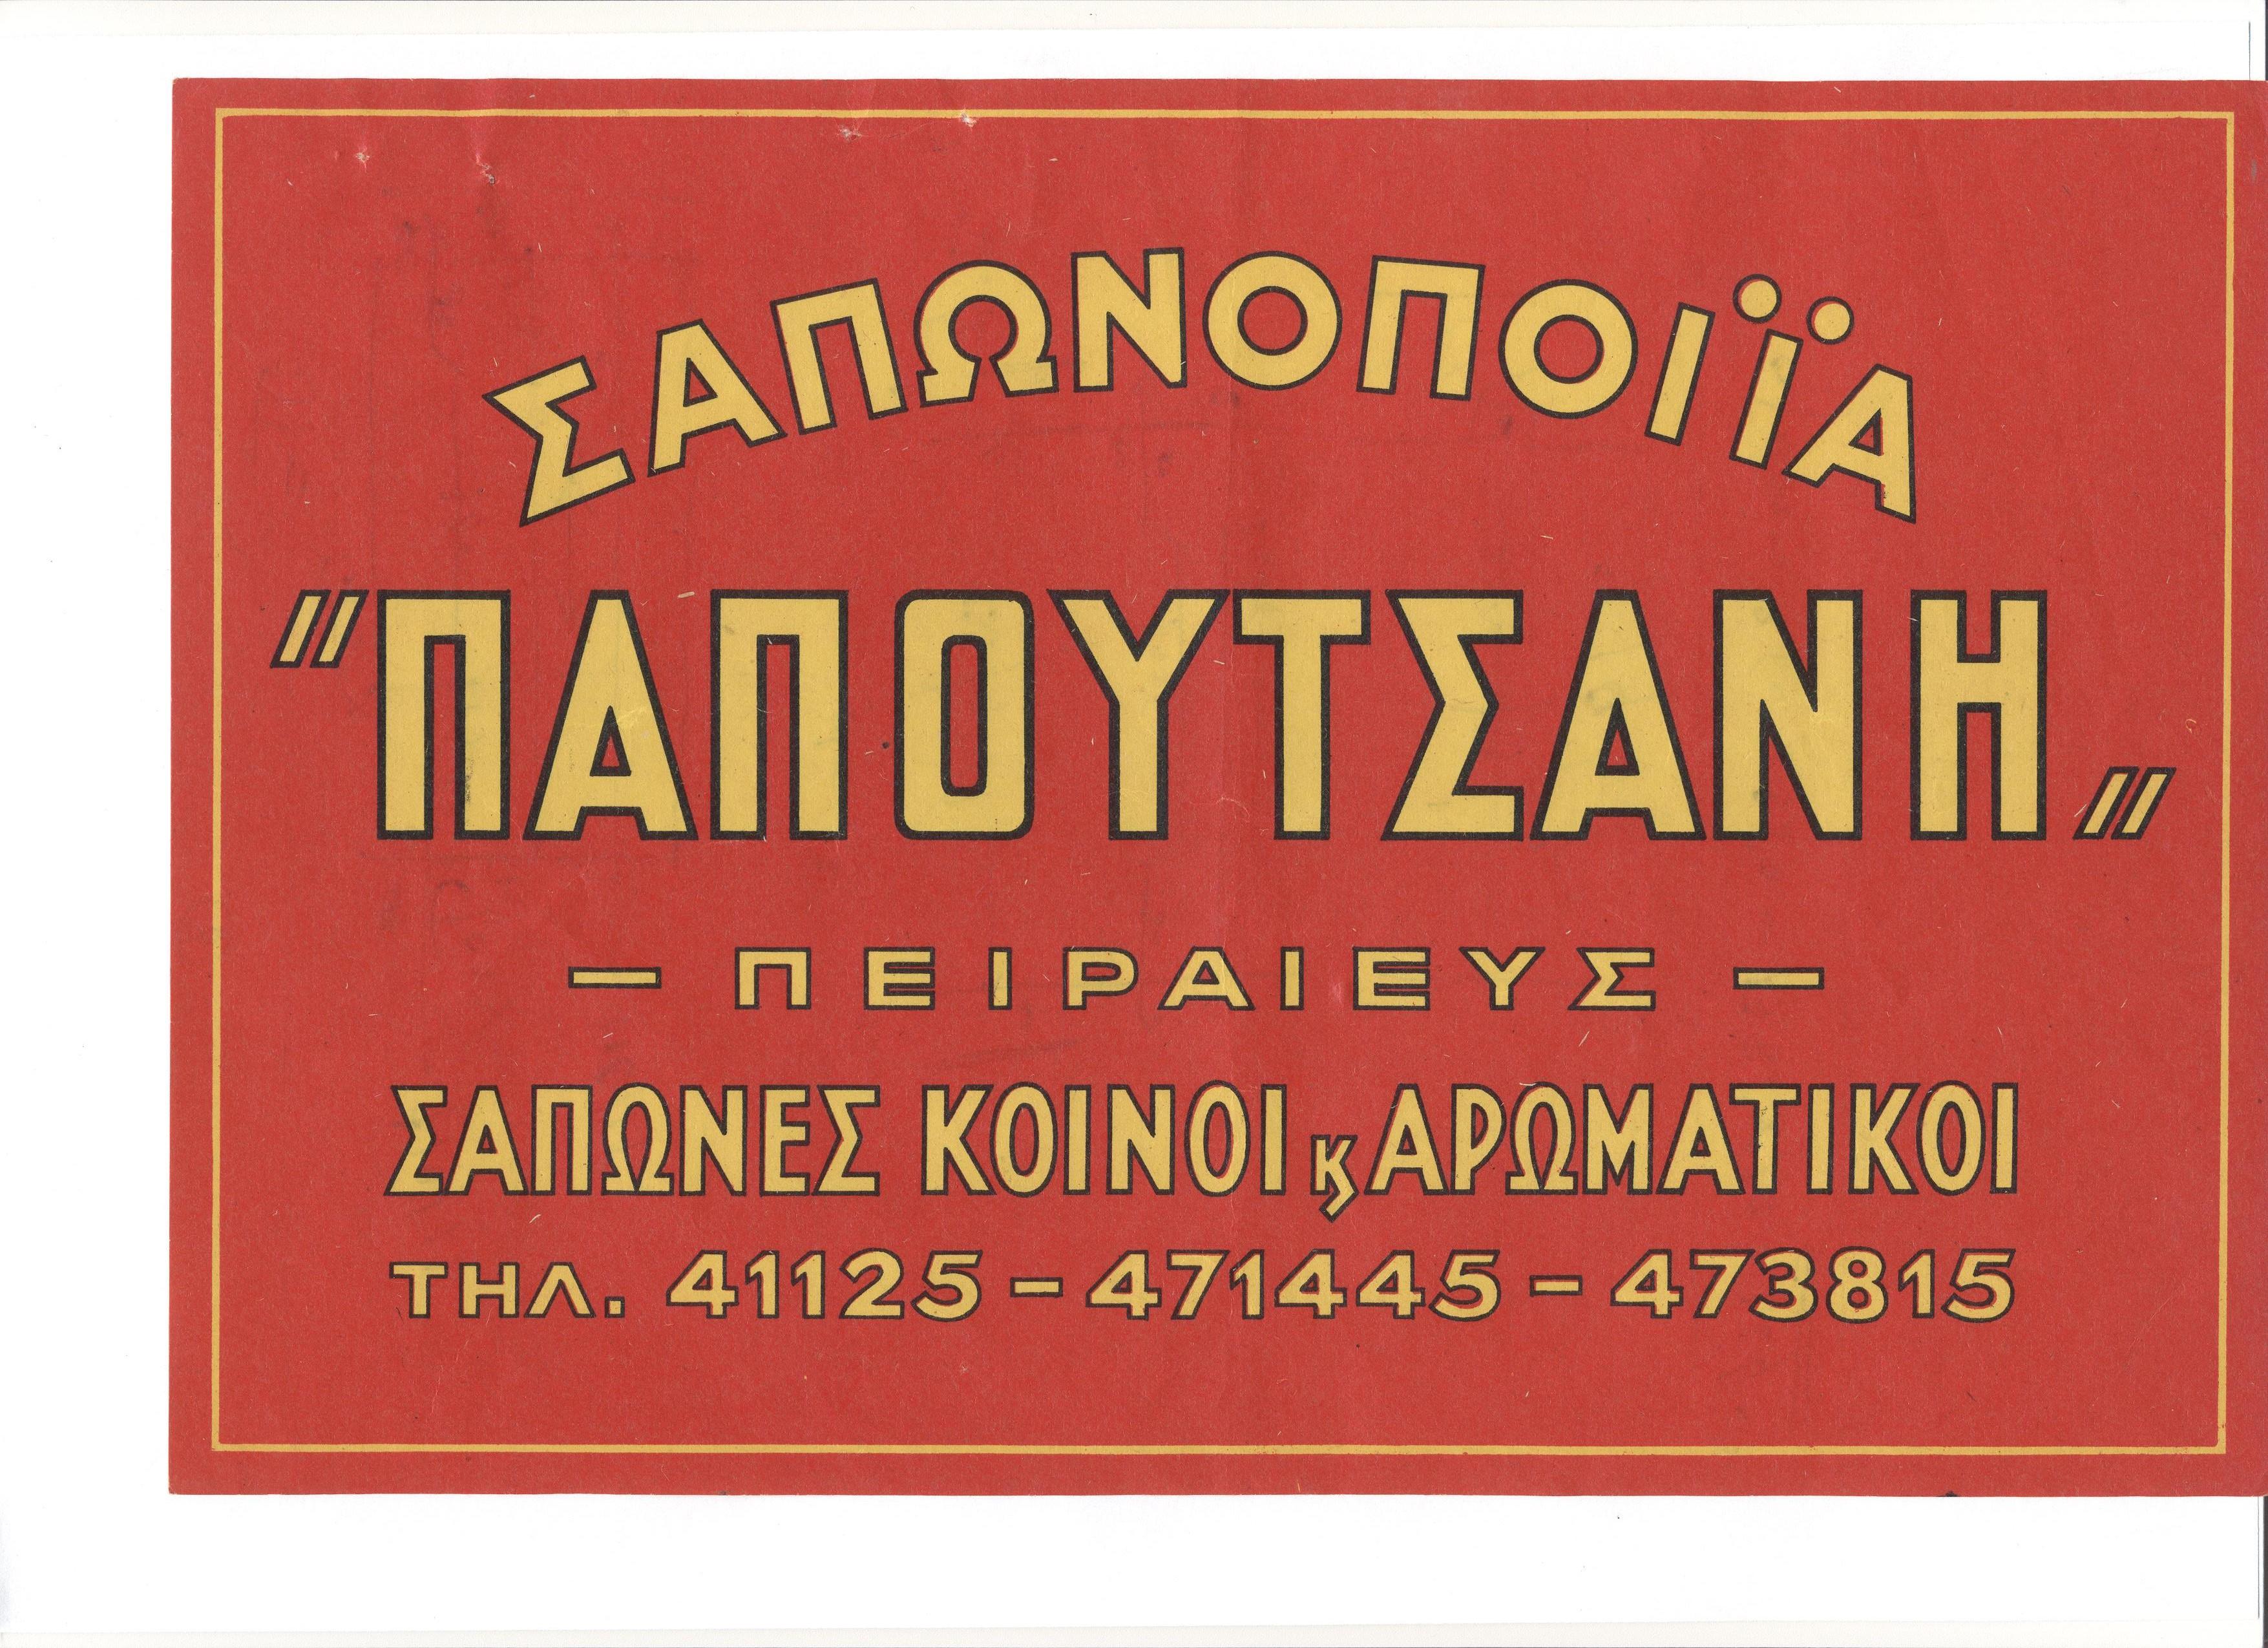 150-chronia-papoytsanis-giortazei-ena-megalo-taxidi-frontidas-kai-prosferei-mazi-me-to-mks-desmos0